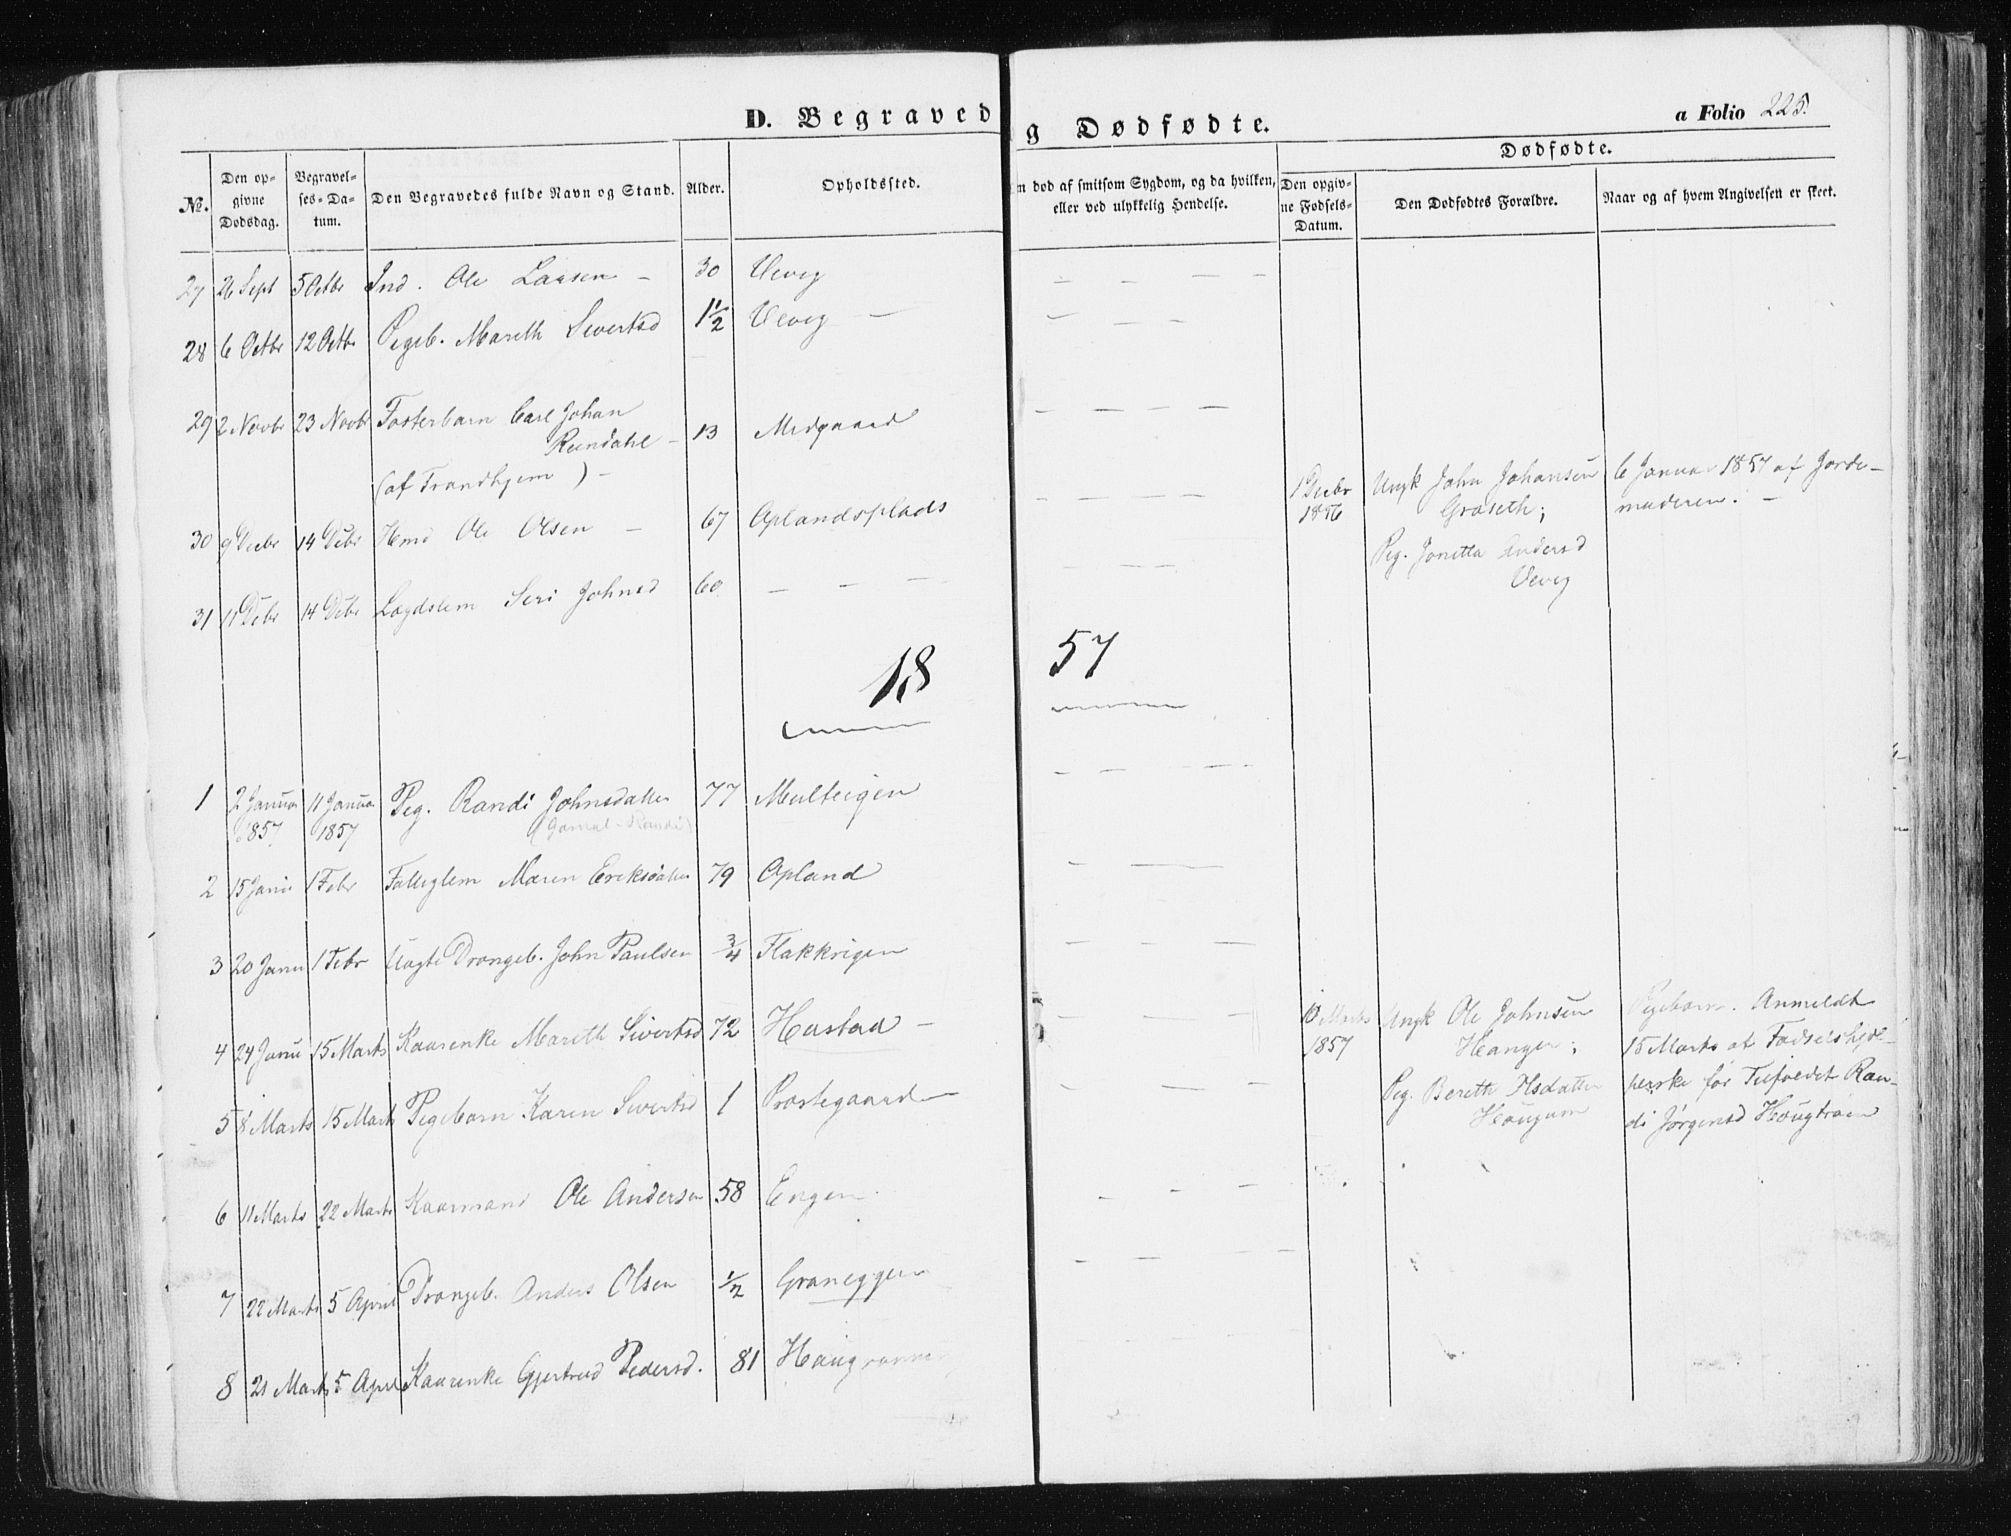 SAT, Ministerialprotokoller, klokkerbøker og fødselsregistre - Sør-Trøndelag, 612/L0376: Ministerialbok nr. 612A08, 1846-1859, s. 225